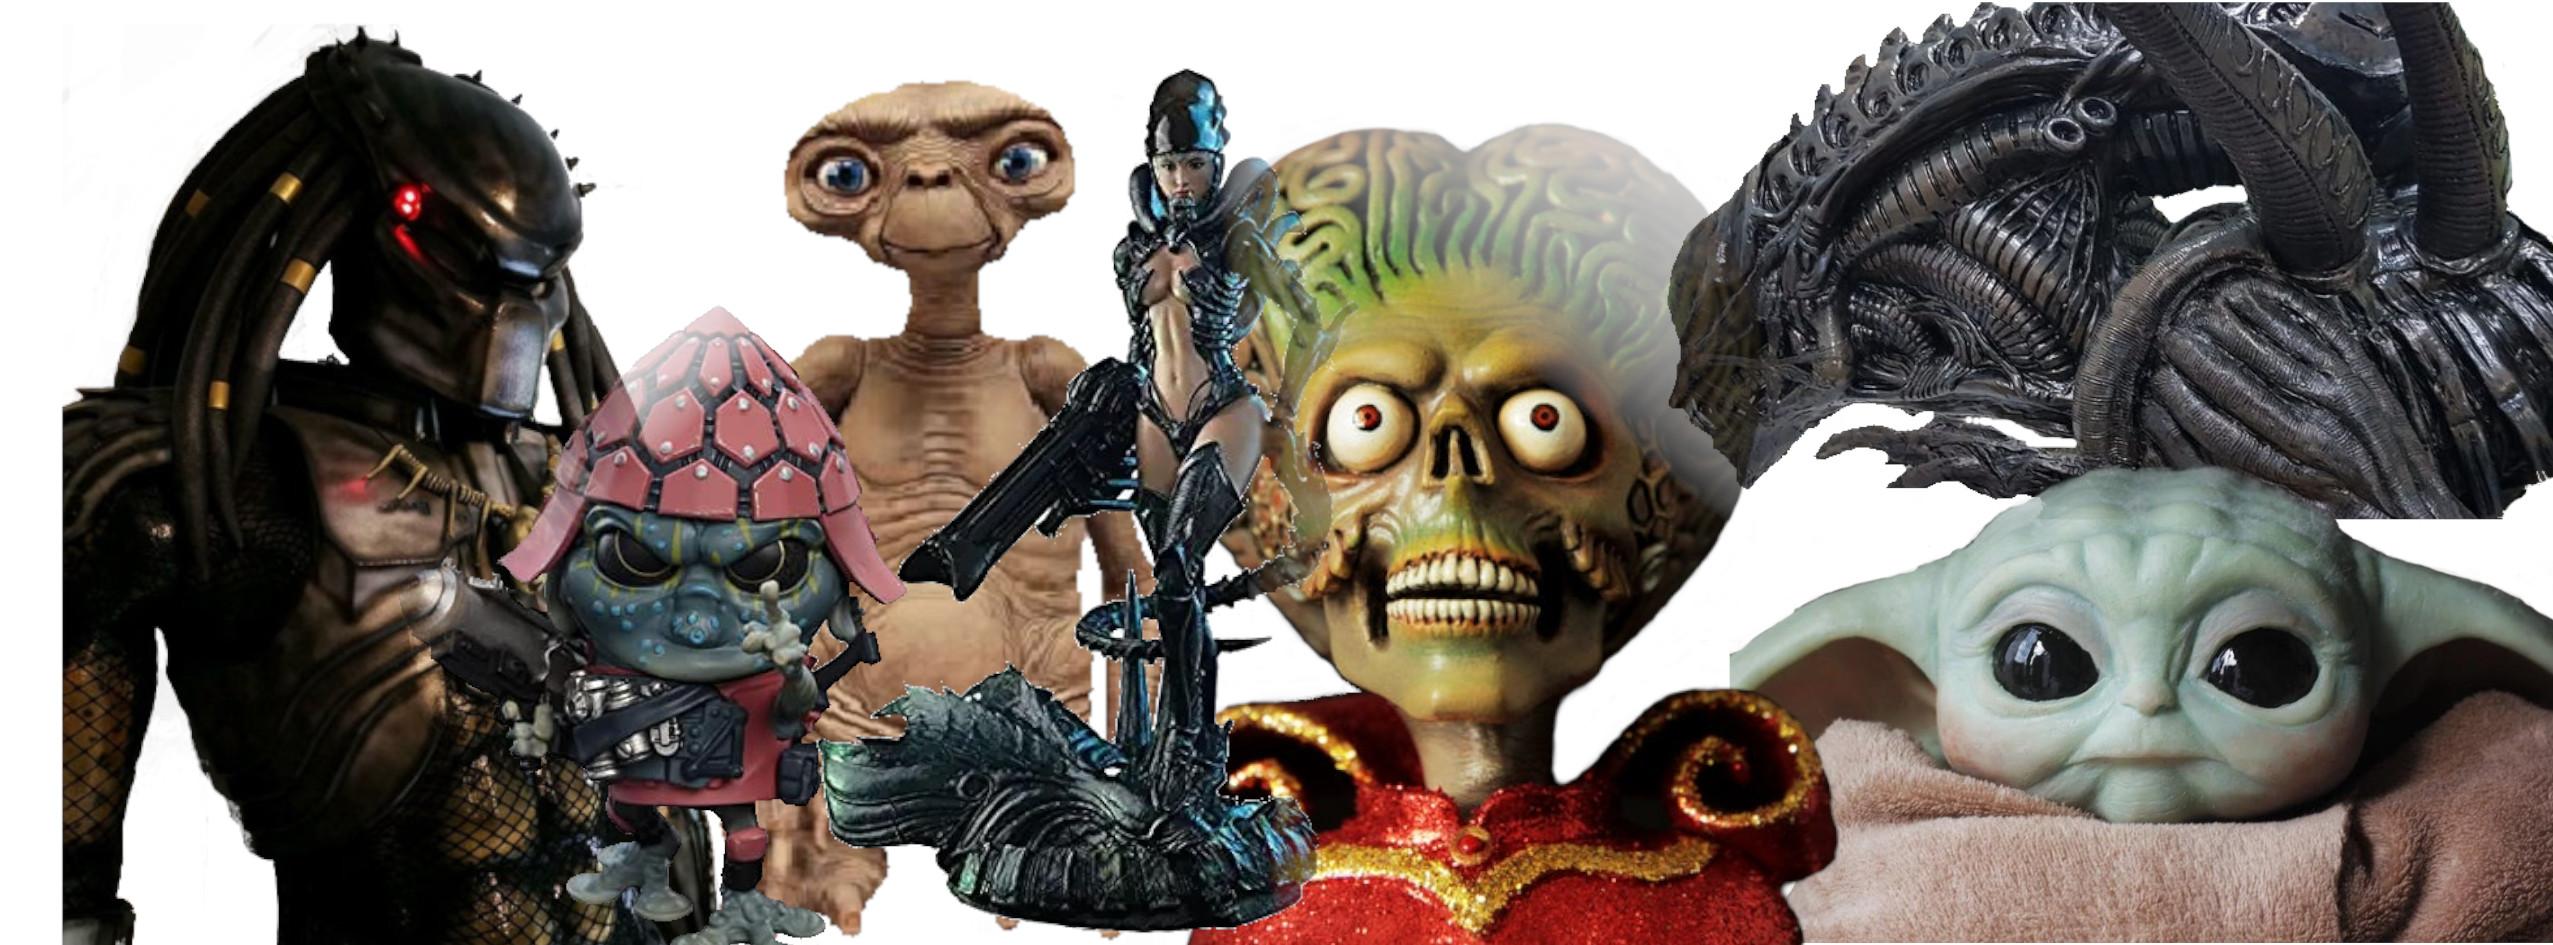 FIGURAS Y ESTATUAS DE ALIENS DE CINE Y TV, estatuas de extraterrestres, figuras de aliens de peliculas, figuras de películas de extraterrestres, replicas de aliens, replicas de starwars, figura de yoda